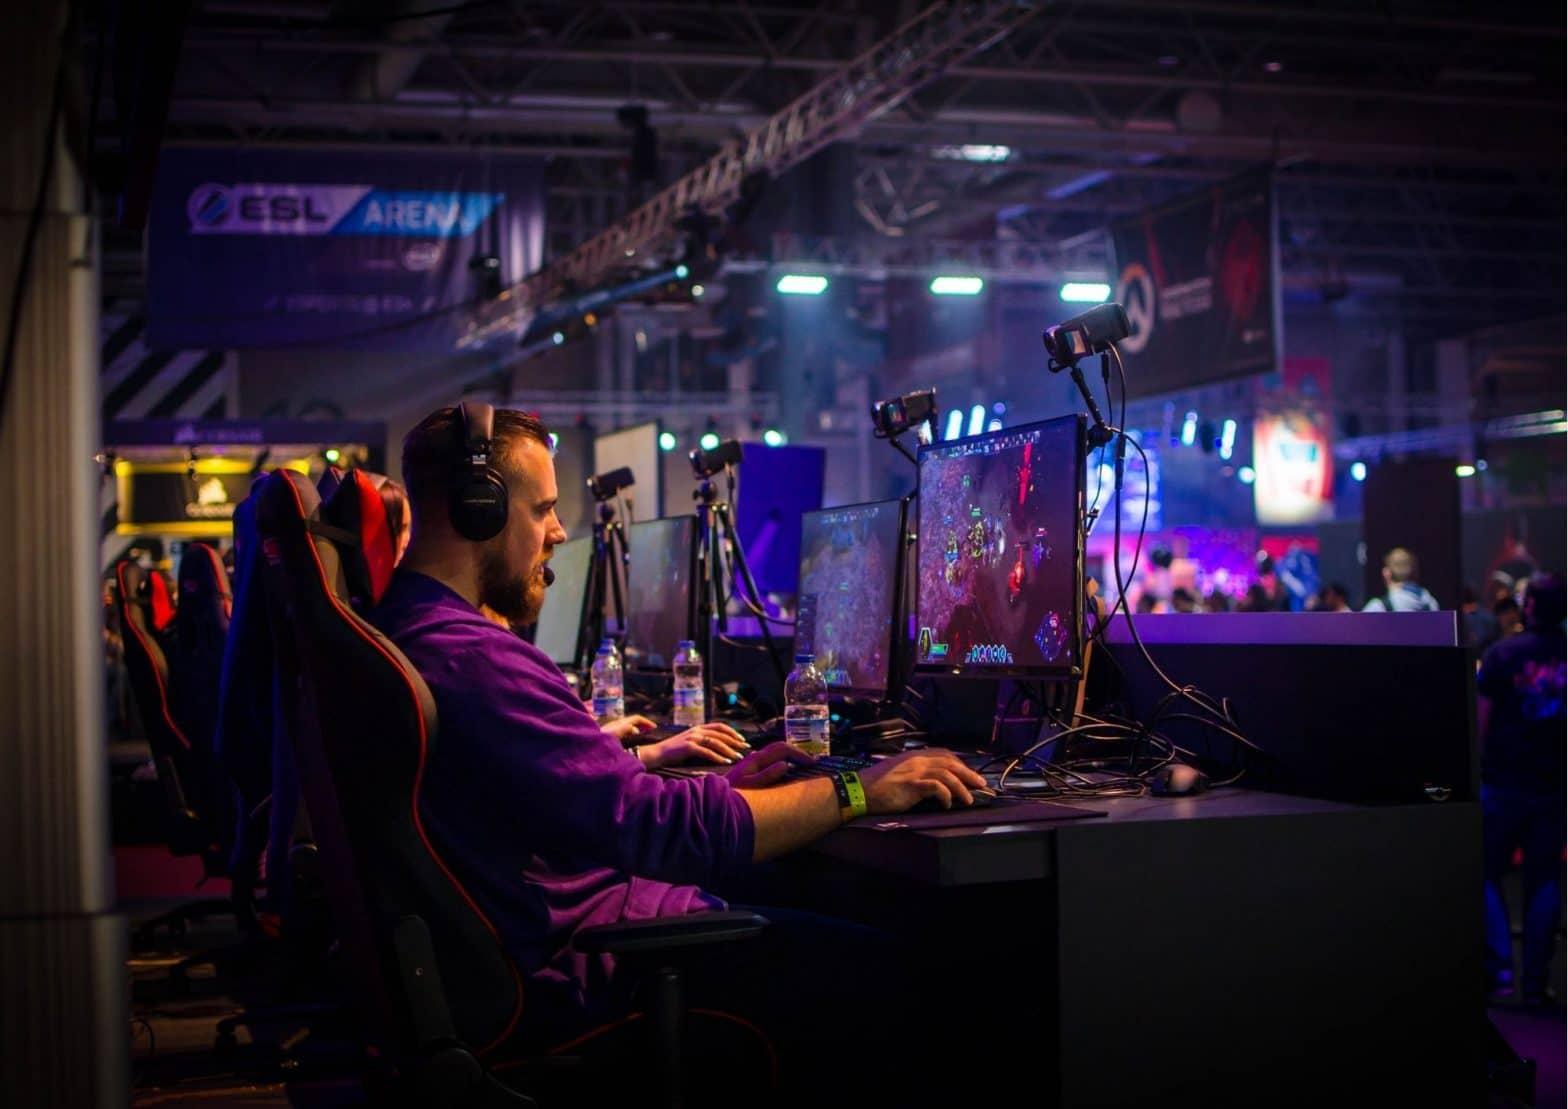 homme-jouant-a-un-jeu-video-sur-un-ordinateur